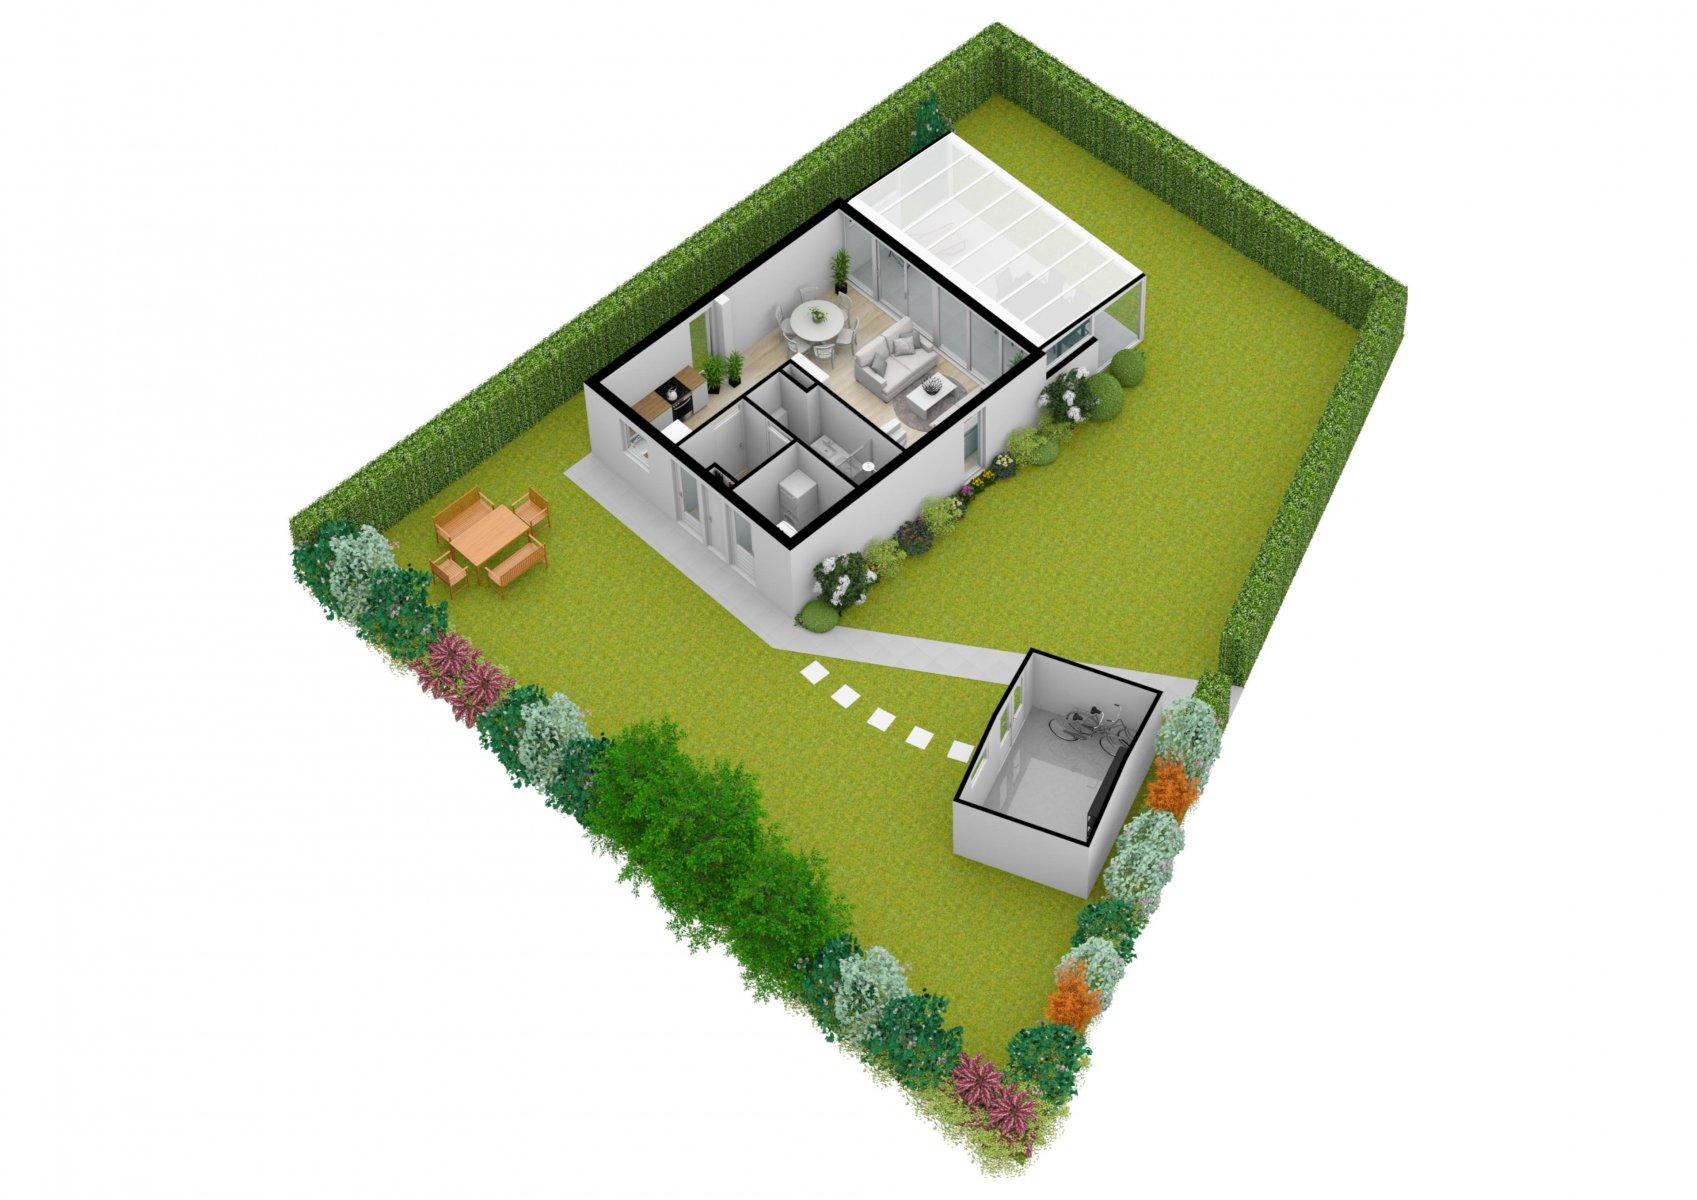 Der 3-D-Grundriss vom gesamten Grundstück